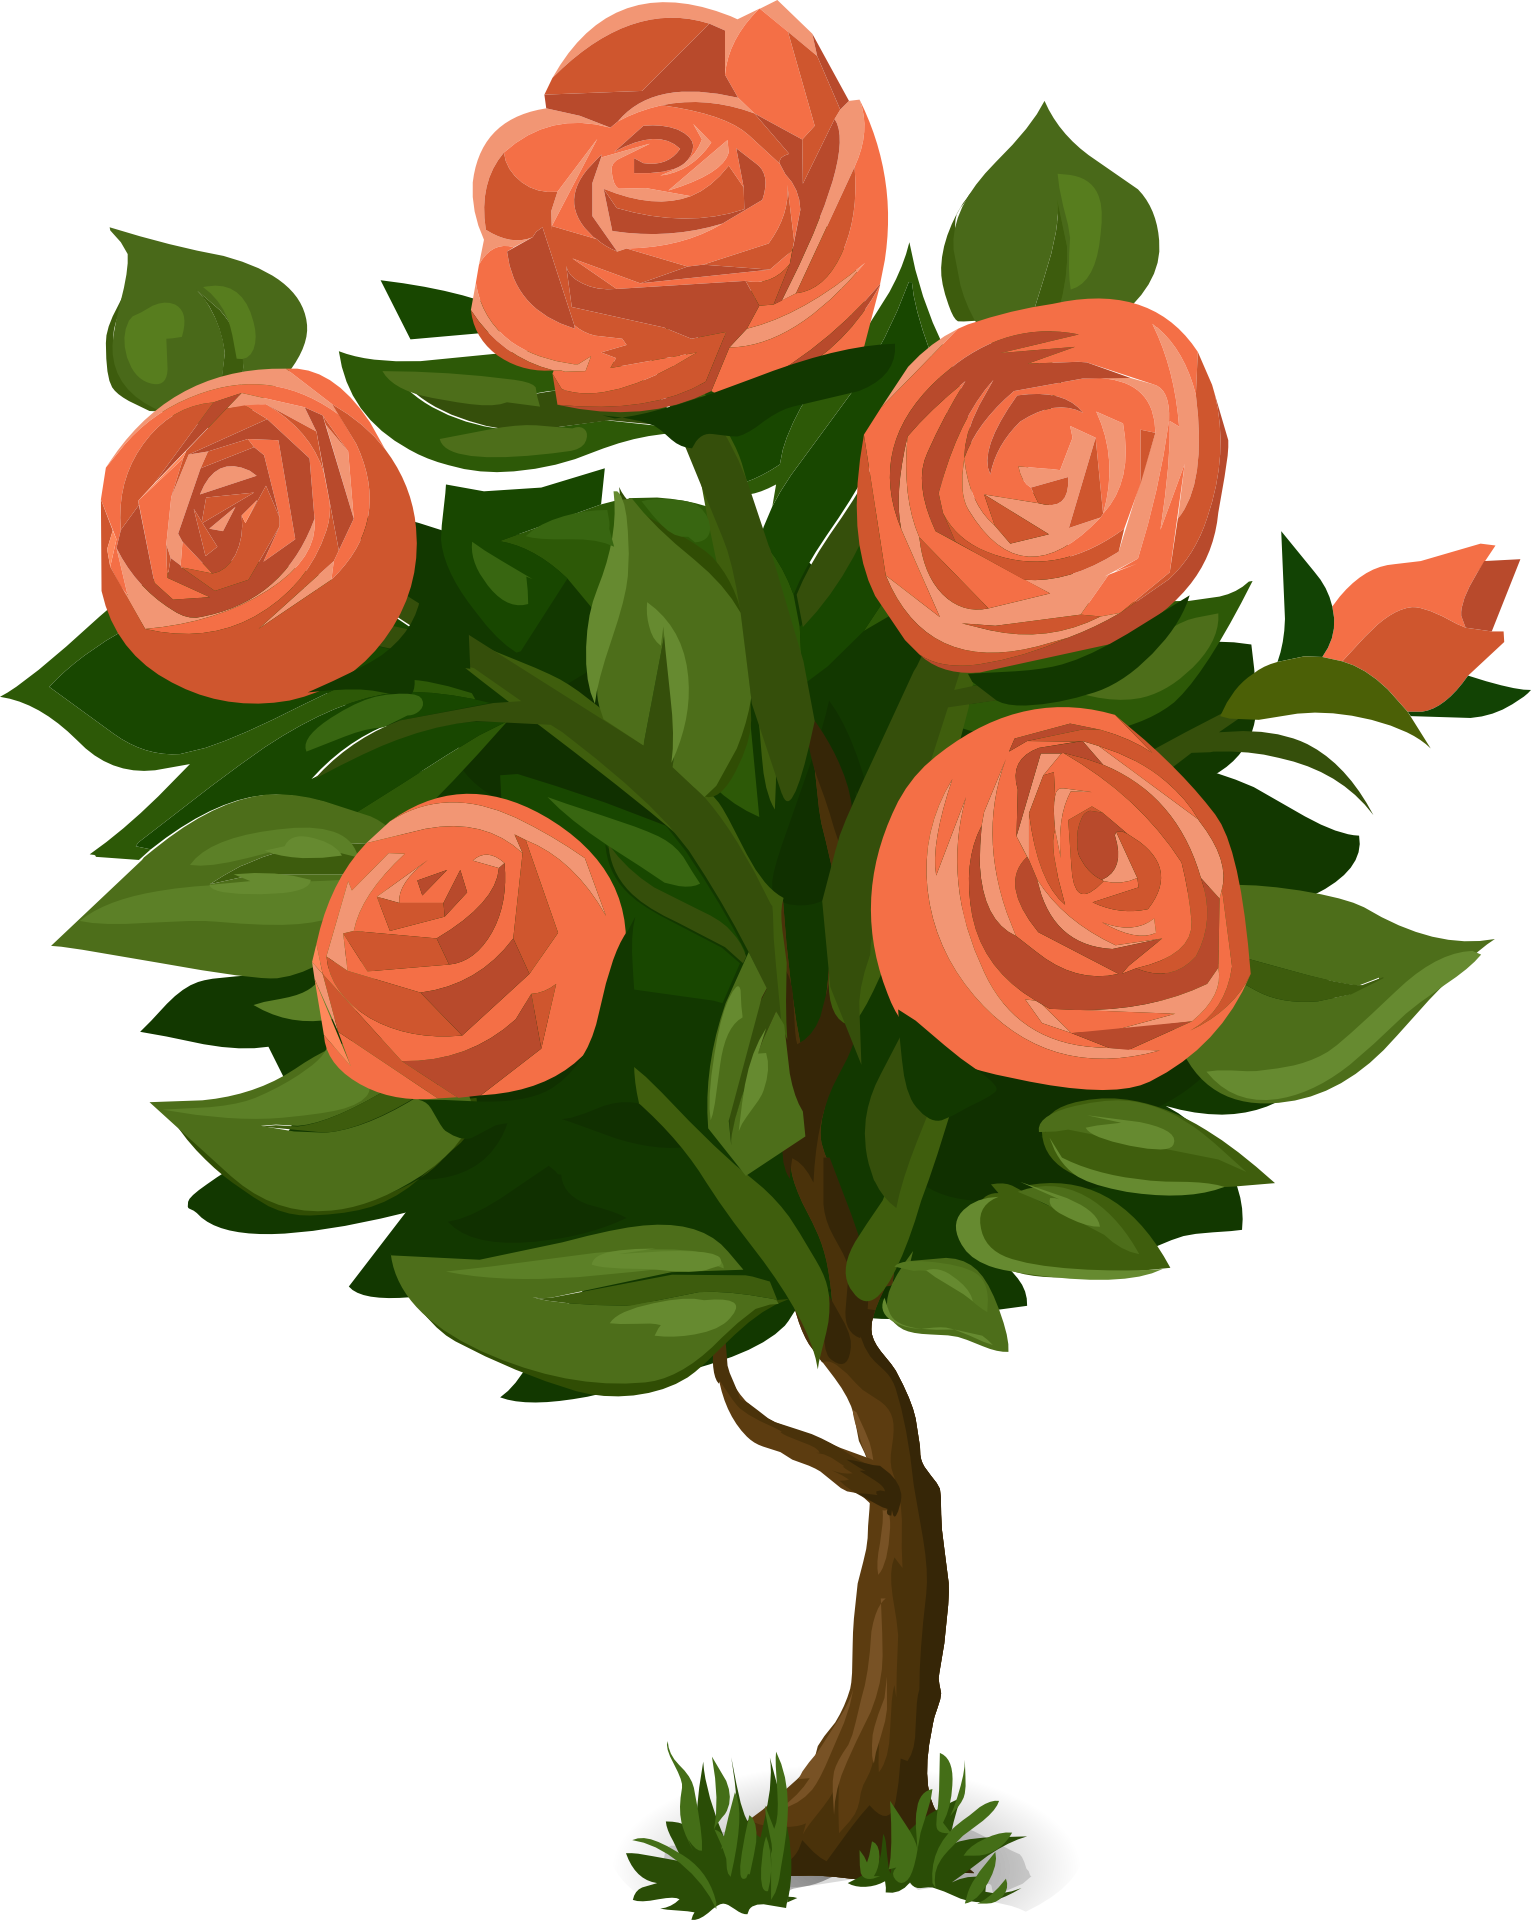 Clipart rose shrub. Flower clip art green